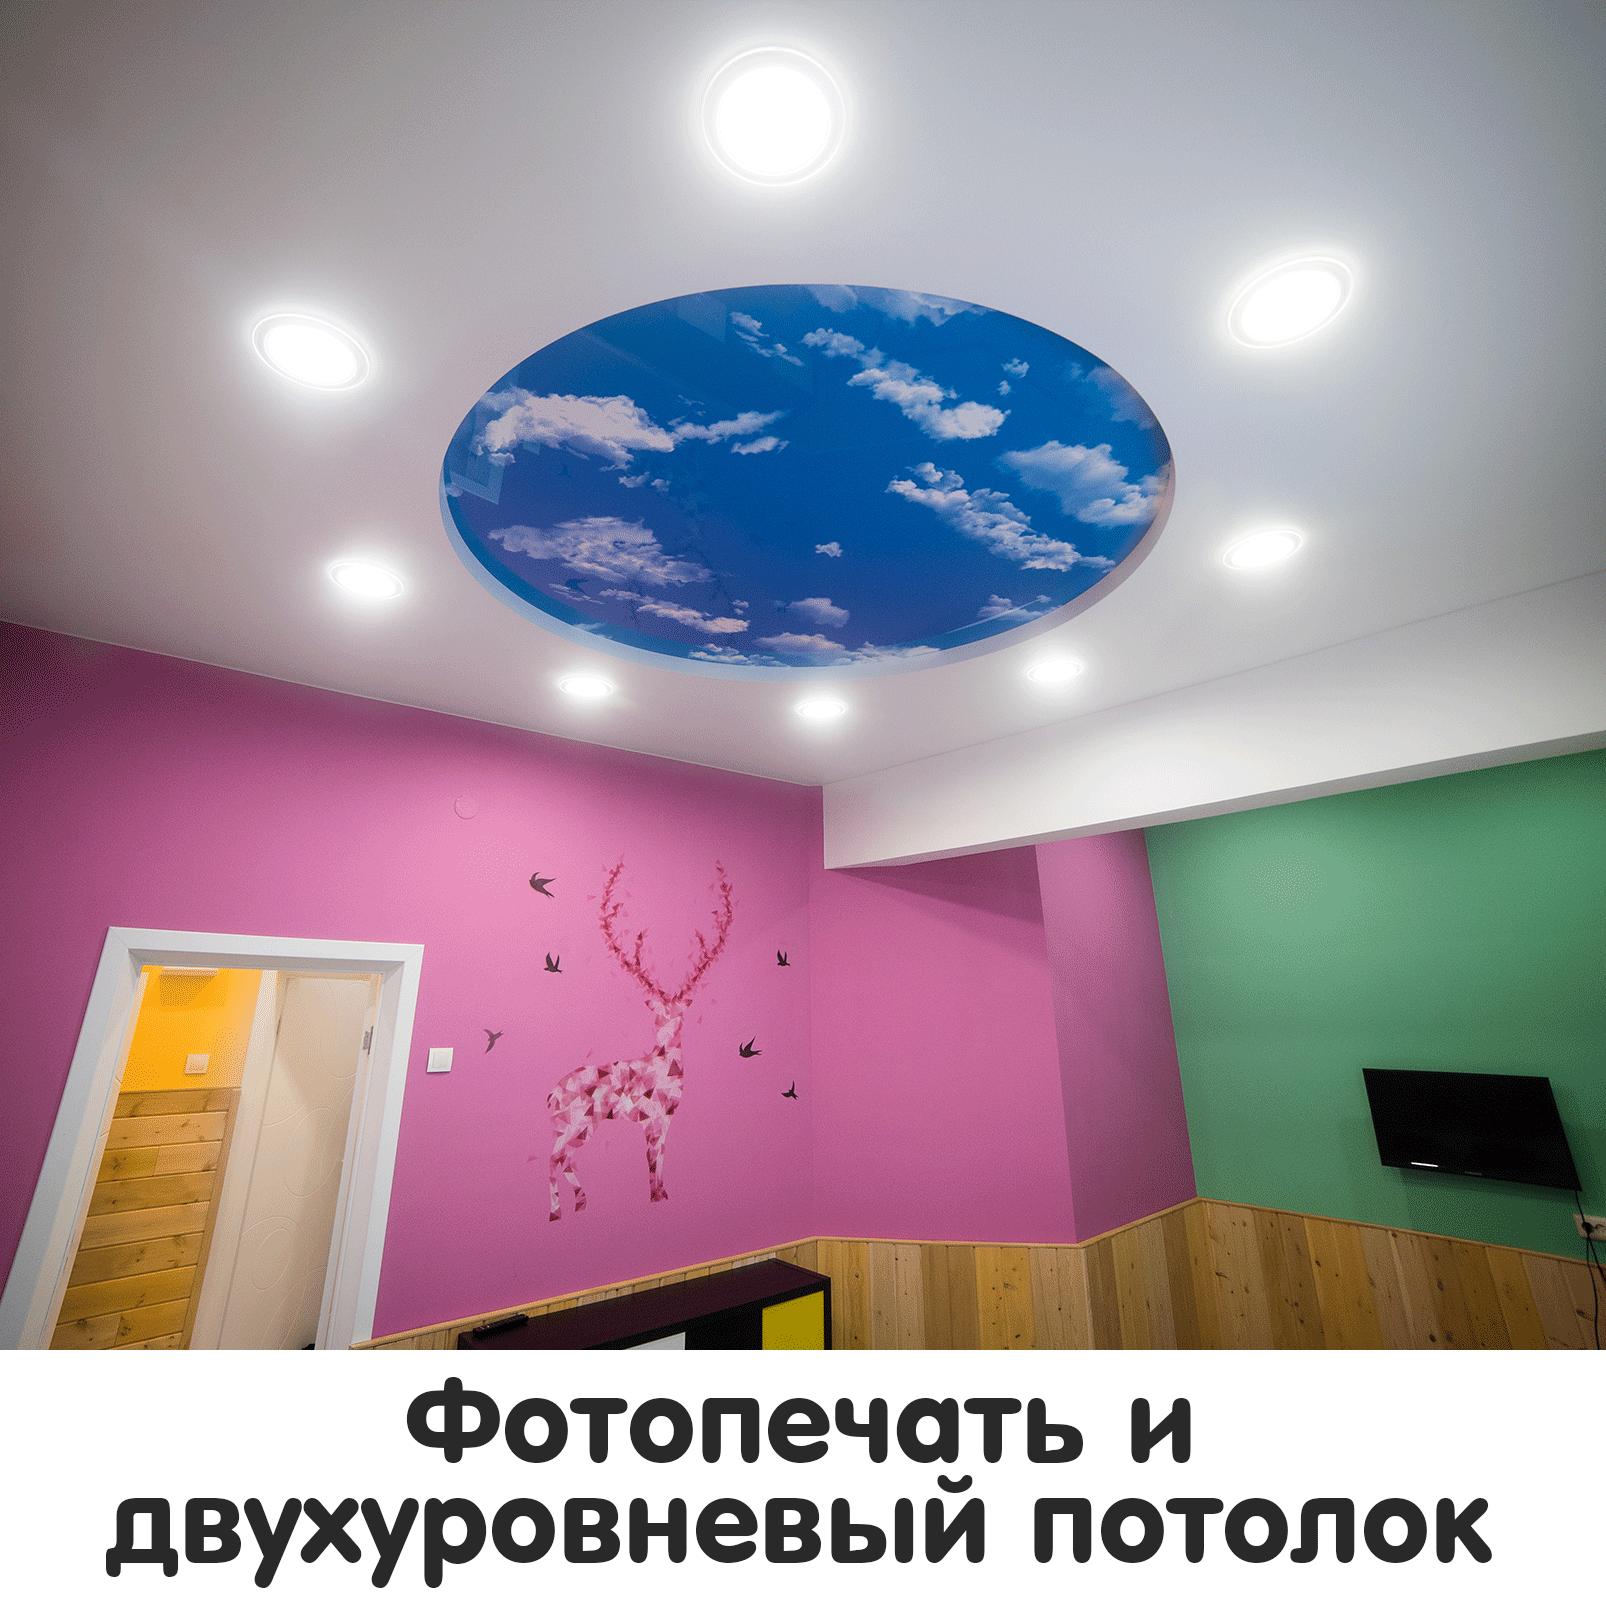 Фотопечать и двухуровневый потолок